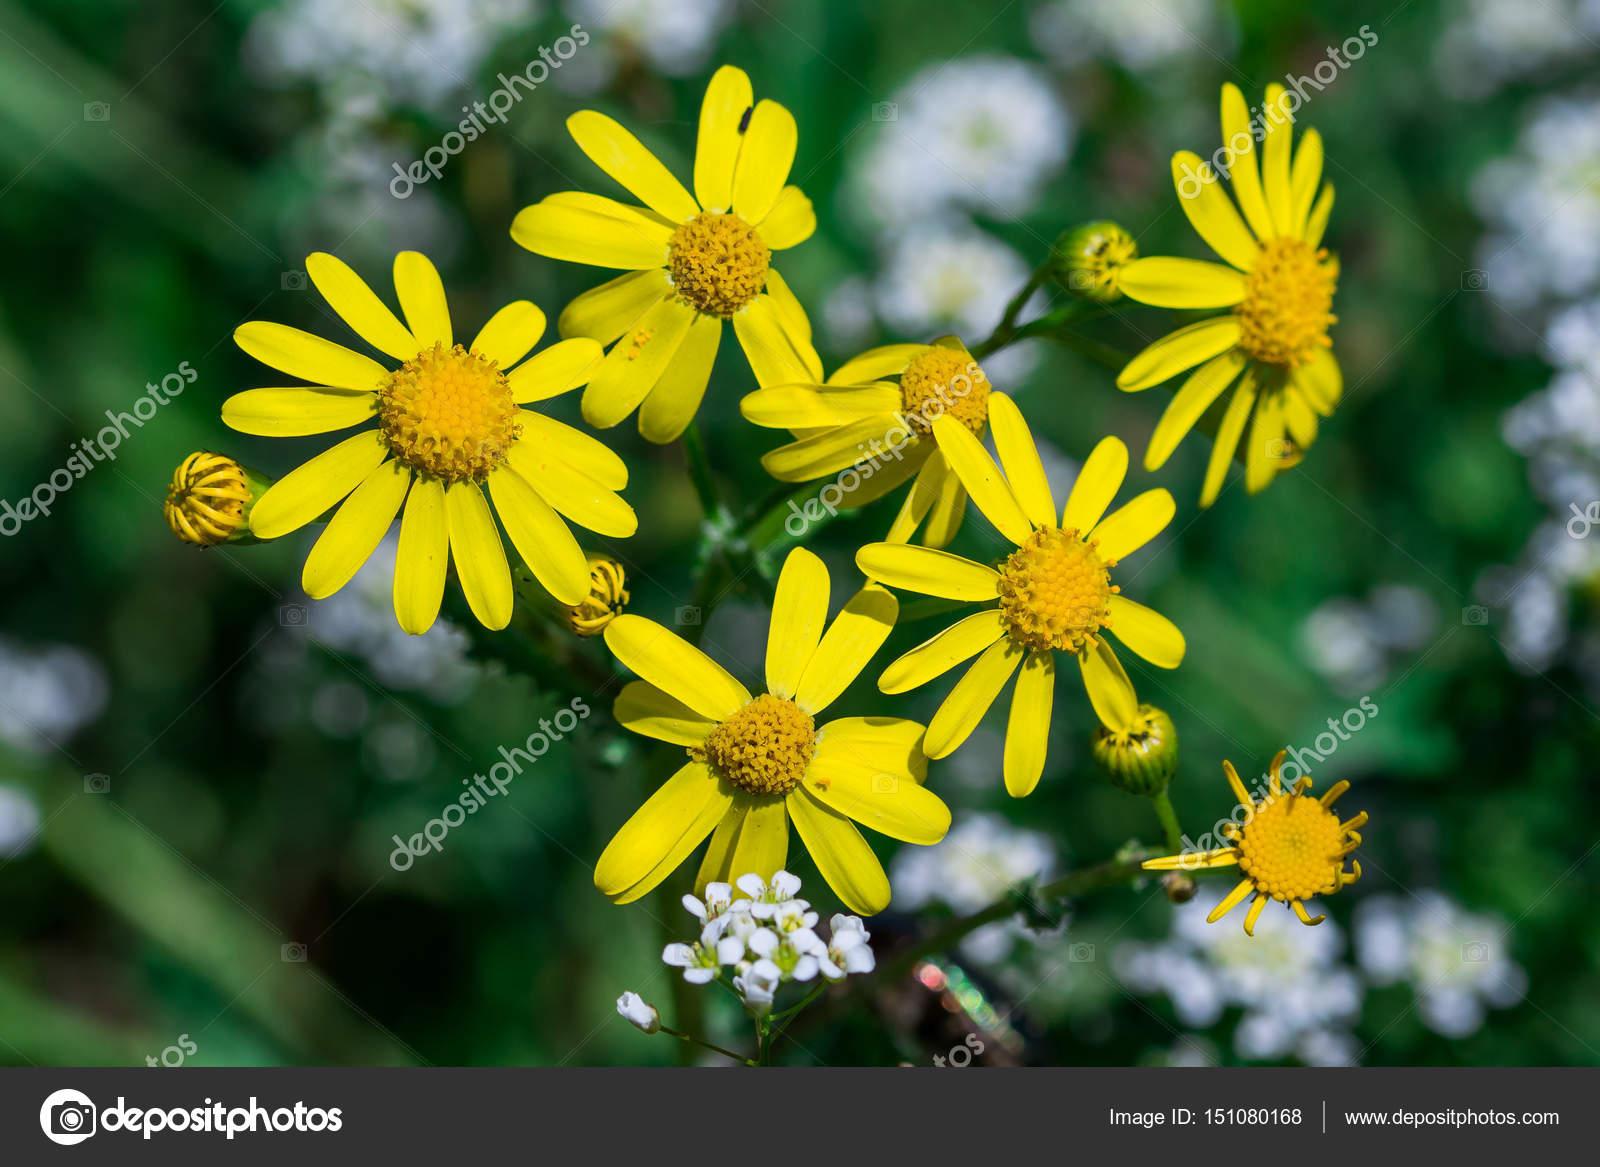 Wild Spring Yellow Flower Plant Cressleaf Packera Glabella